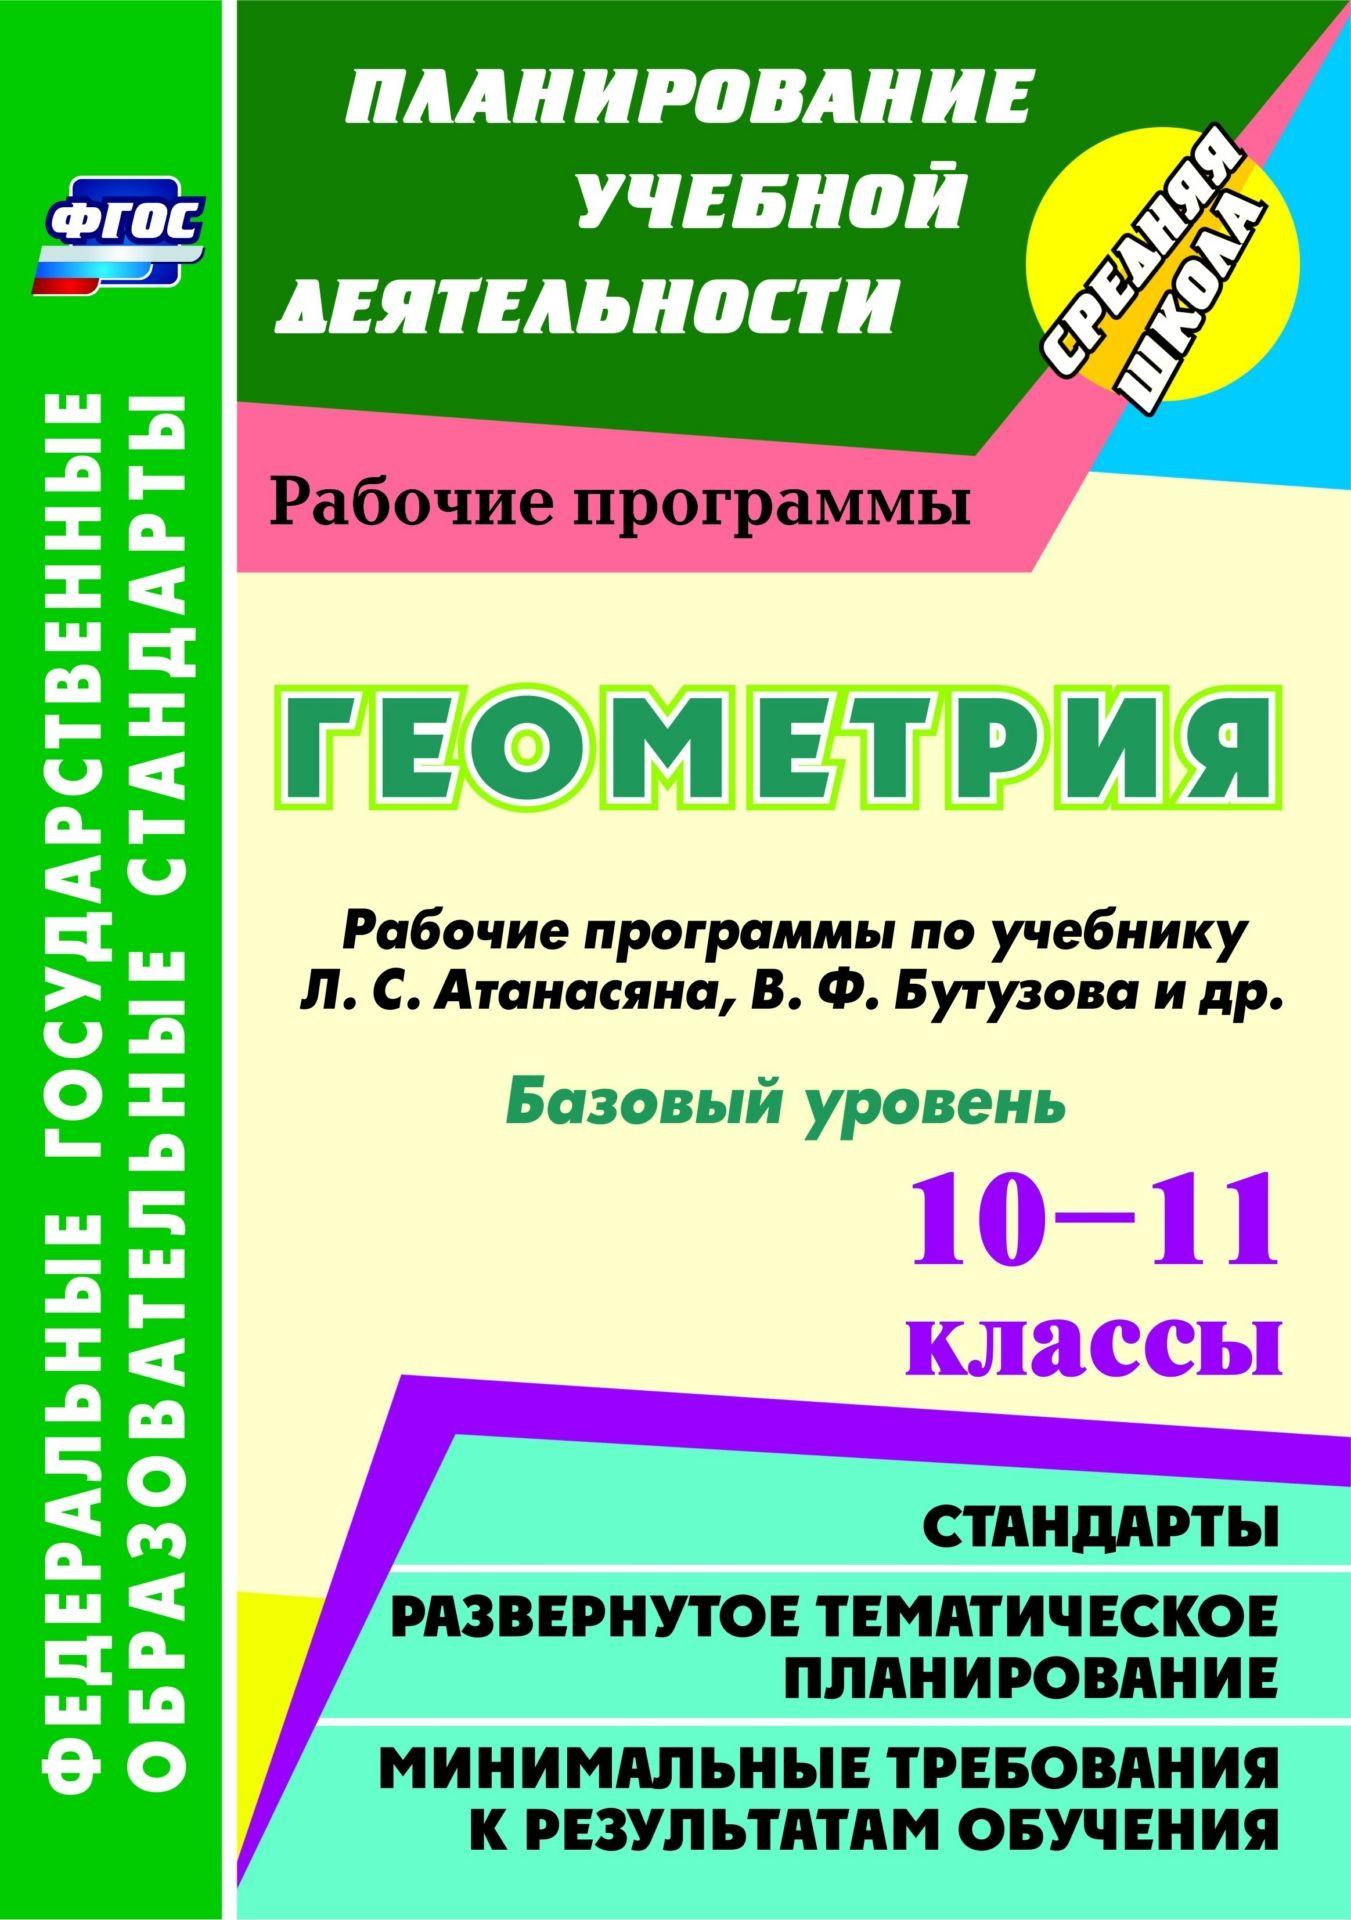 Геометрия. 10-11 классы: рабочие программы по учебнику Л. С. Атанасяна, В. Ф. Бутузова, С. Б. Кадомцева [и др.]. Базовый уровеньПредметы<br>В пособии представлены рабочие программы по геометрии для 10-11 классов (базовый уровень) с развернутыми тематическими планами, составленными в соответствии с положениями Примерной программы среднего общего образования и ориентированными для работы с учеб...<br><br>Авторы: Ким Н. А., Мазурова Н. И.<br>Год: 2018<br>Серия: ФГОС. Планирование учебной деятельности<br>ISBN: 978-5-7057-2936-4, 978-5-7057-4613-2<br>Высота: 285<br>Ширина: 197<br>Толщина: 7<br>Переплёт: мягкая, скрепка